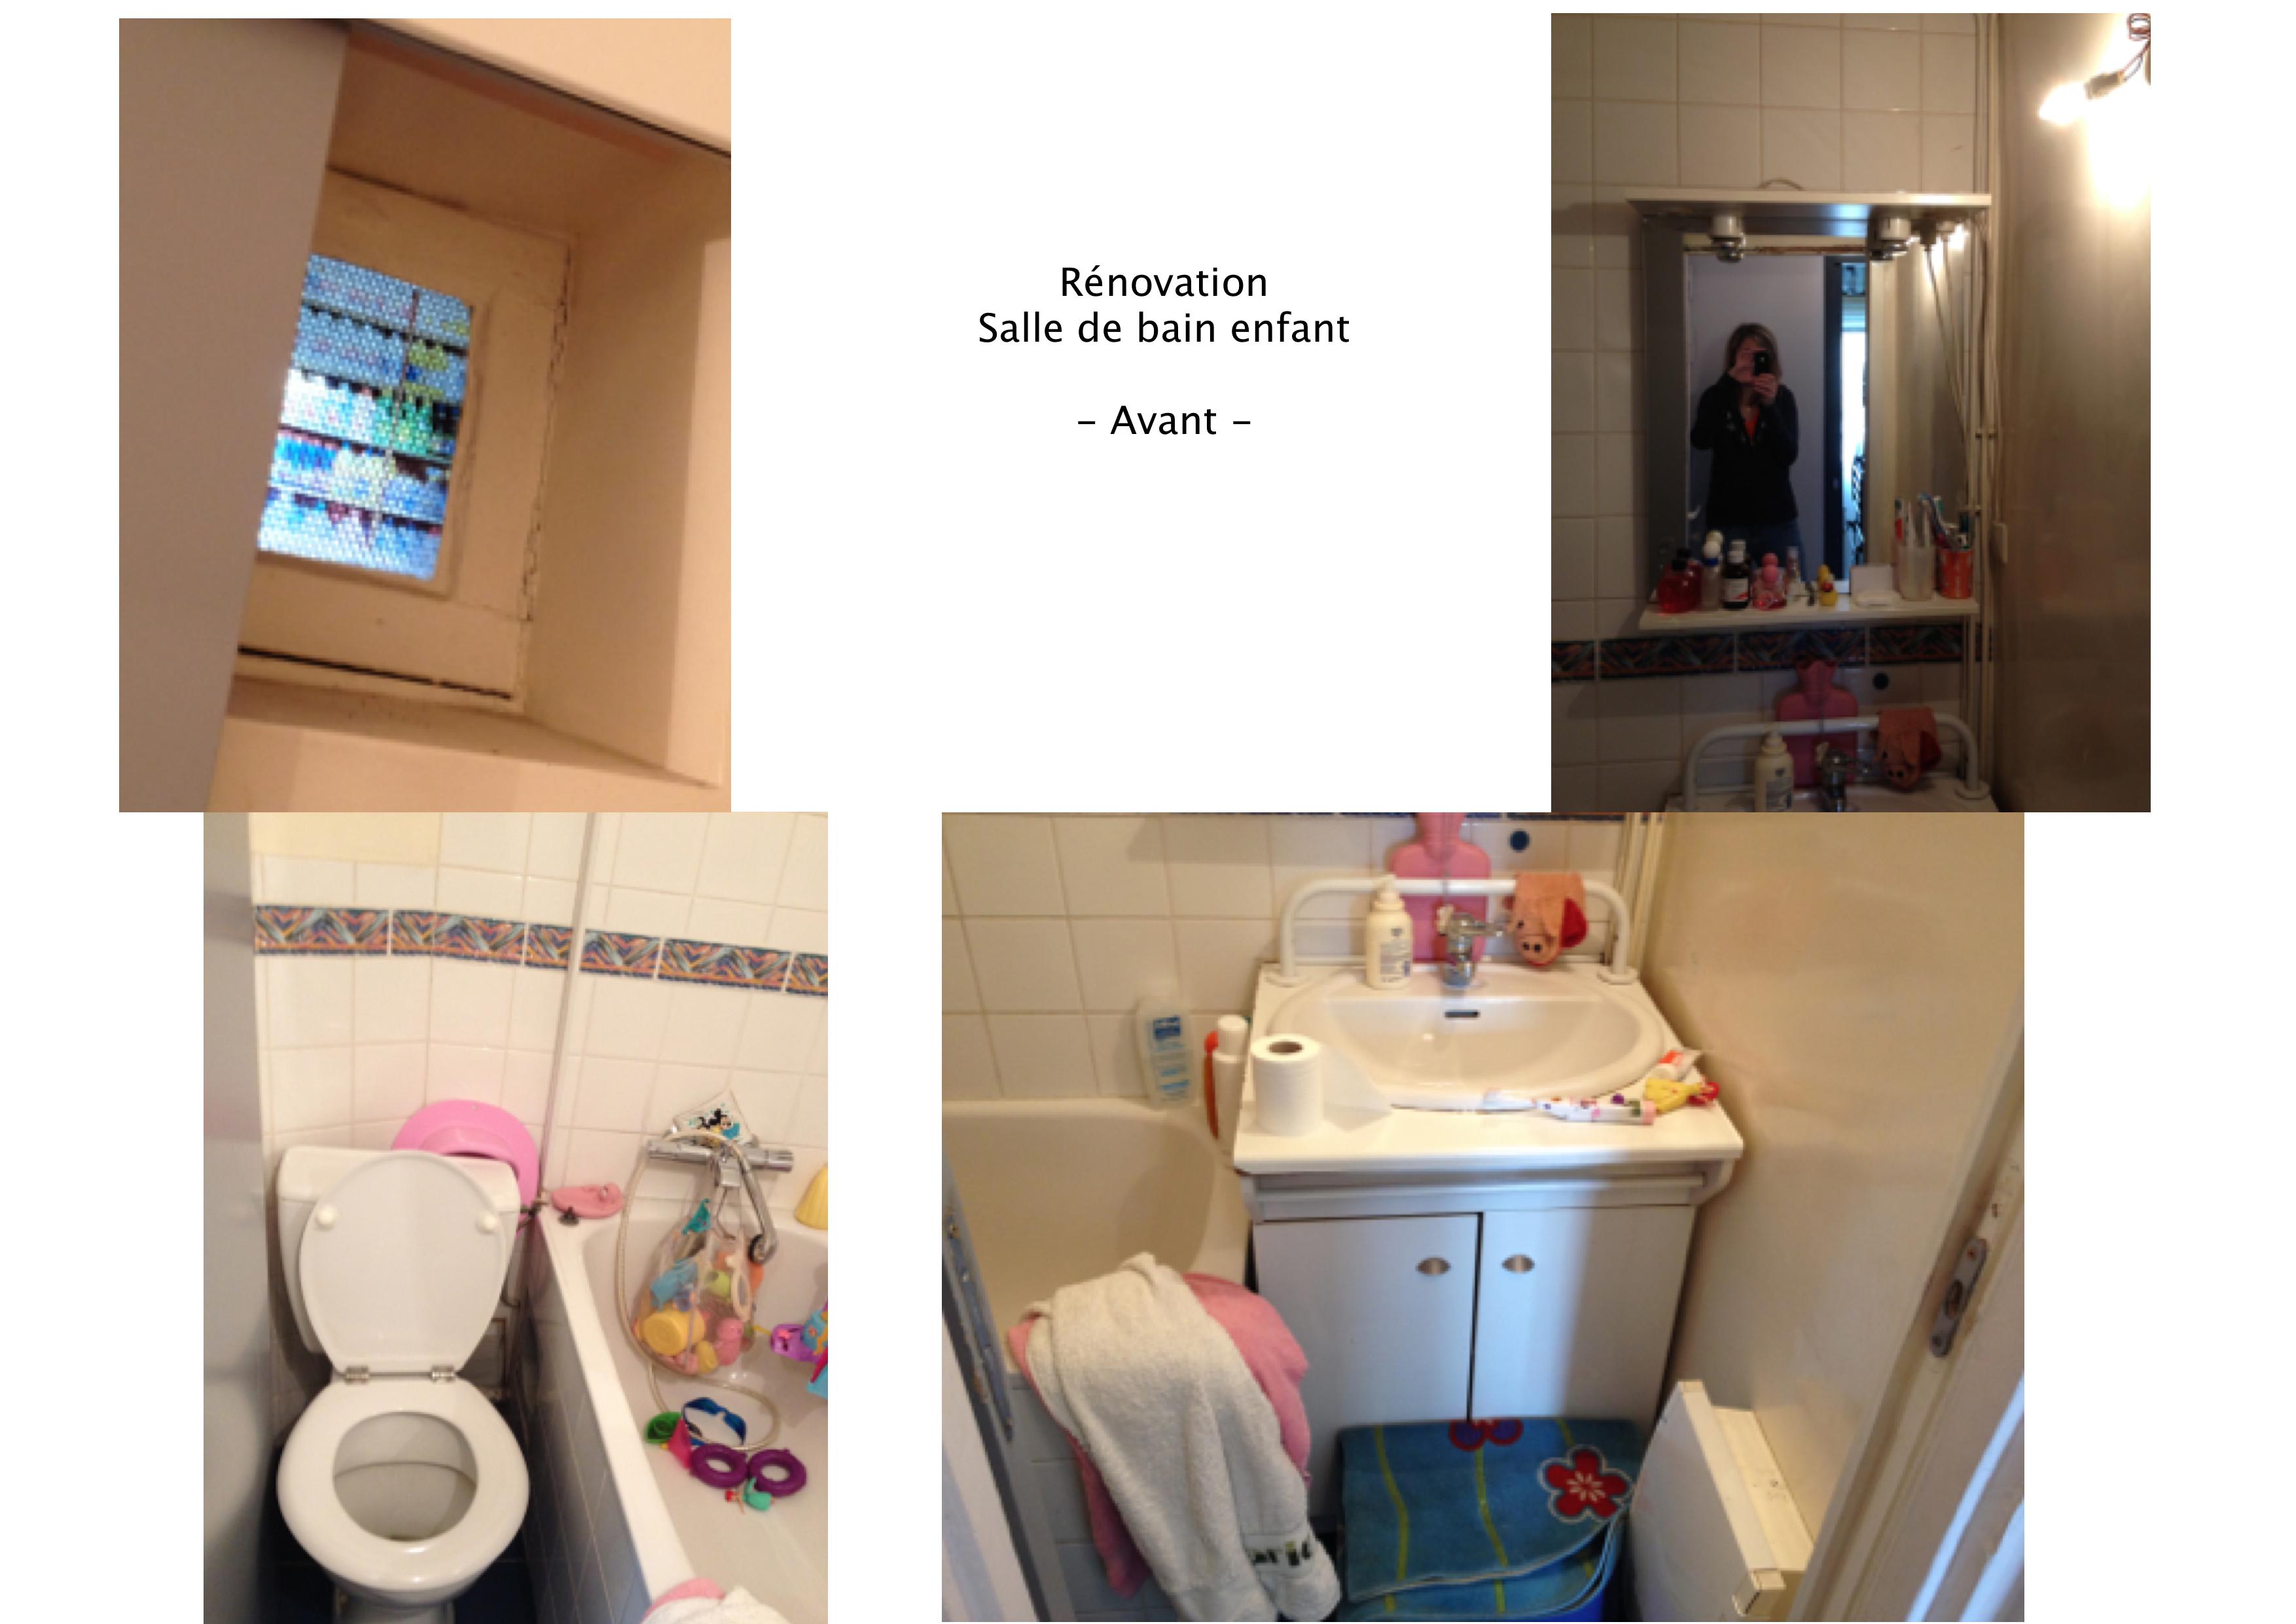 Decorexpat salle de bain enfant AVANT